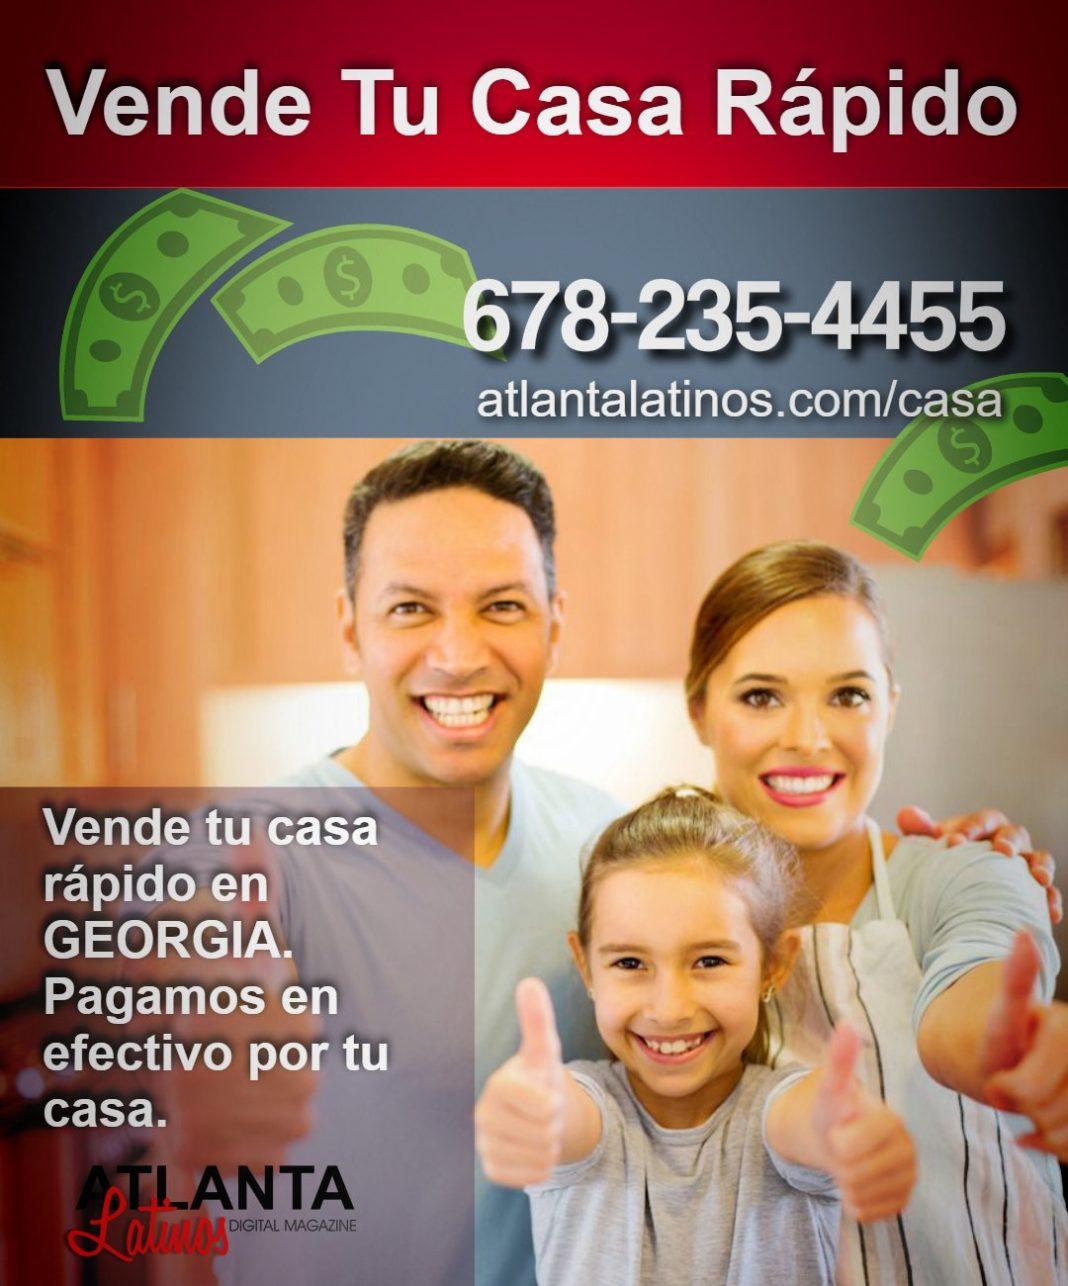 cash-por-mi-casa-rapido-atlanta-georgia